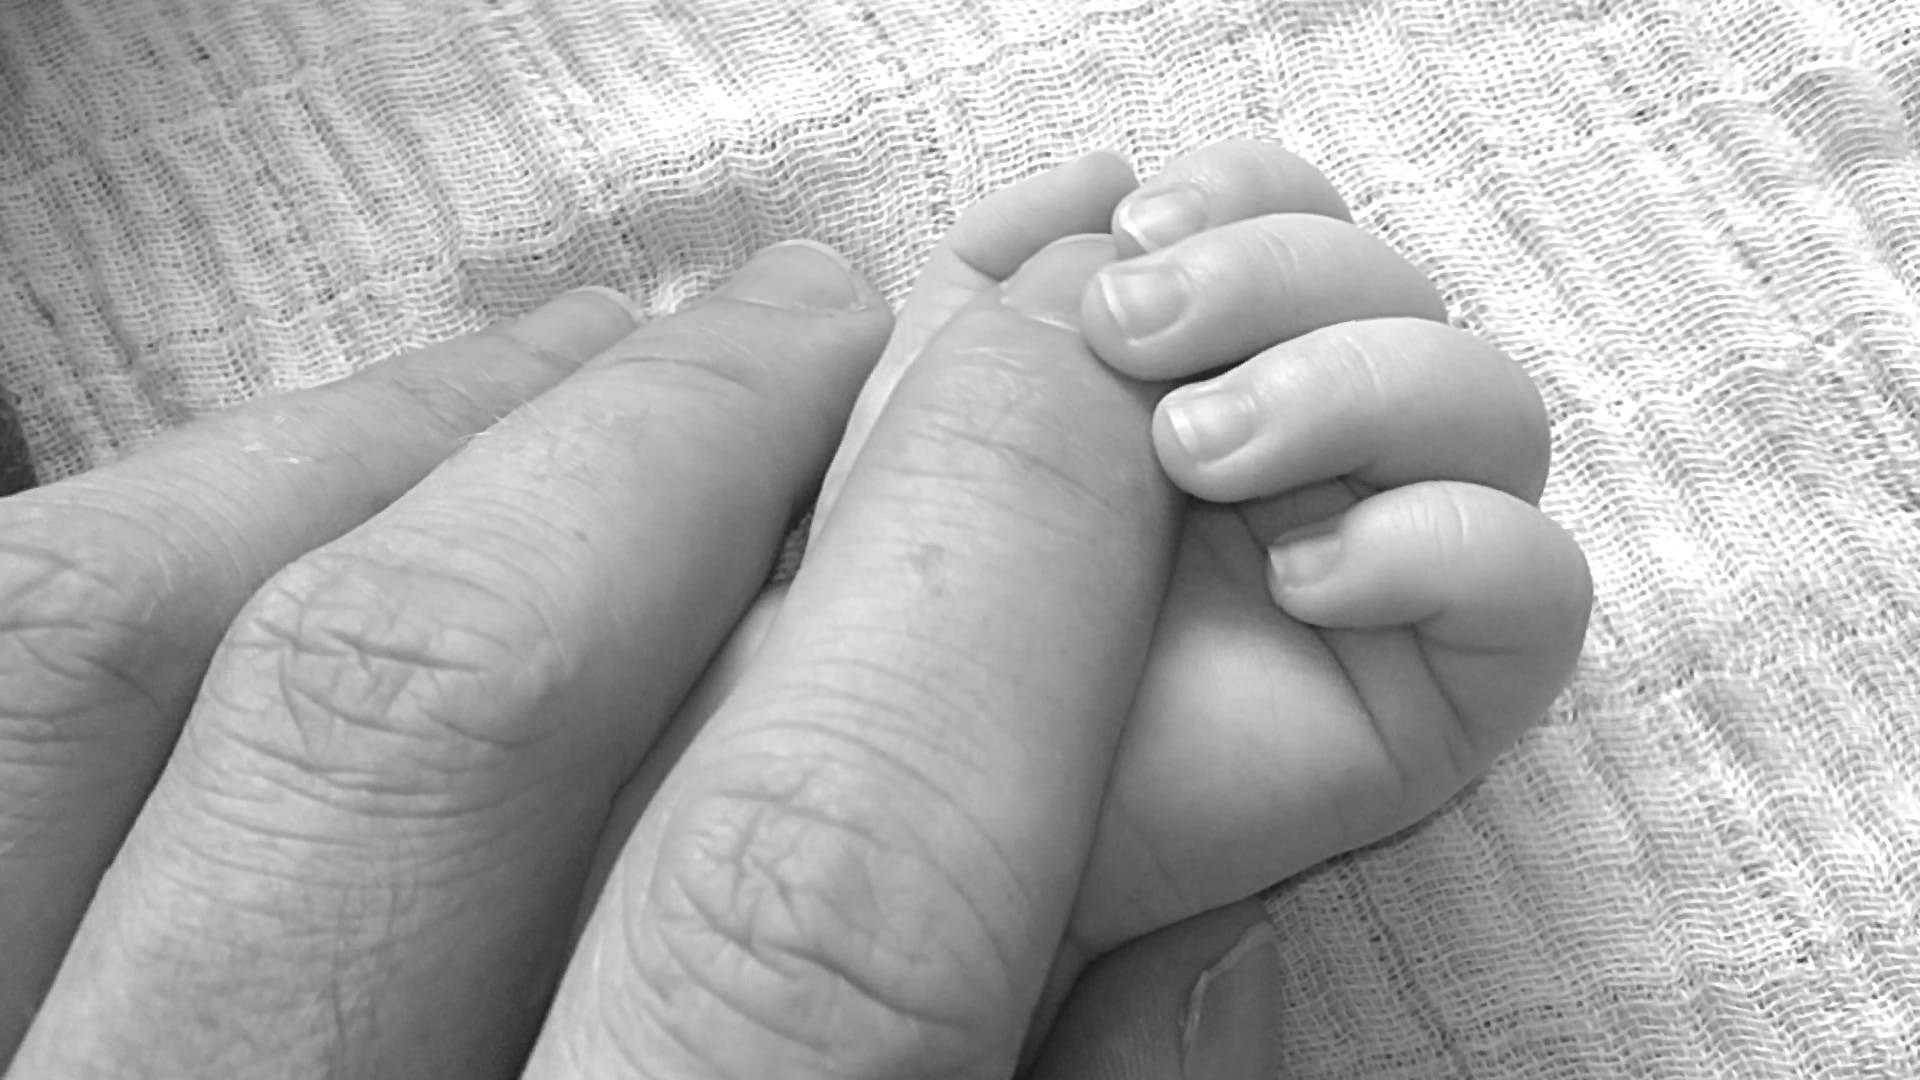 Foto d'estoc gratuïta de amor, bebè, blanc i negre, de la mà